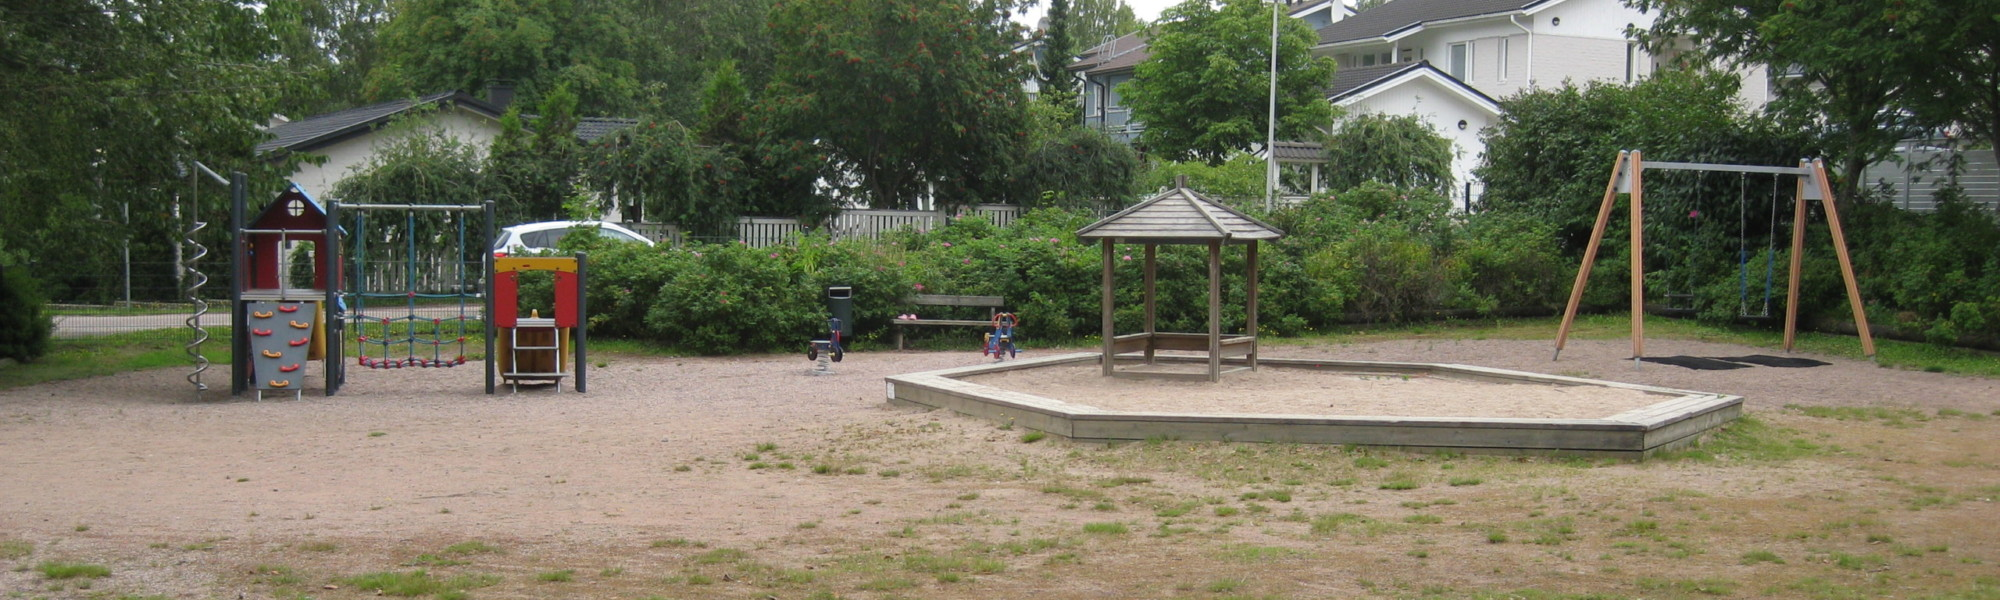 Kuvassa on Metsärinteen leikkipaikka